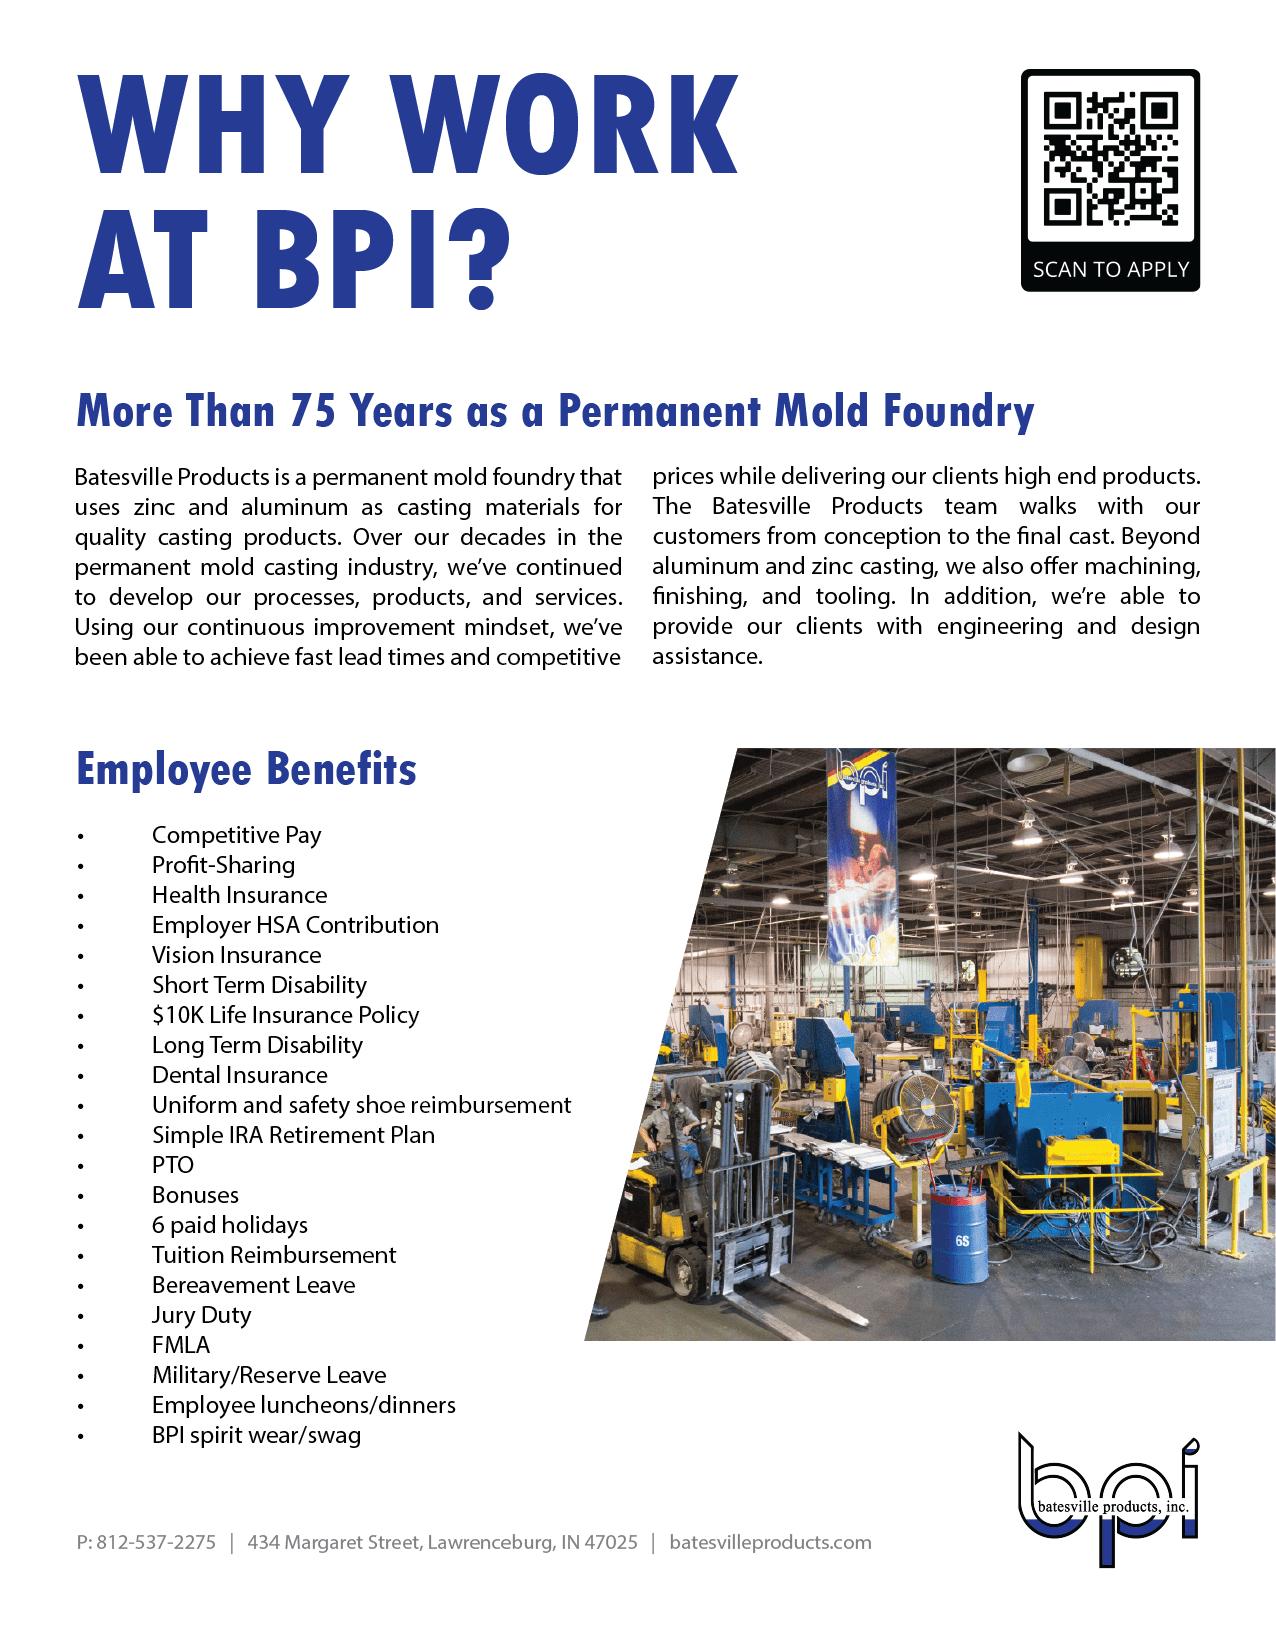 bpi benefits